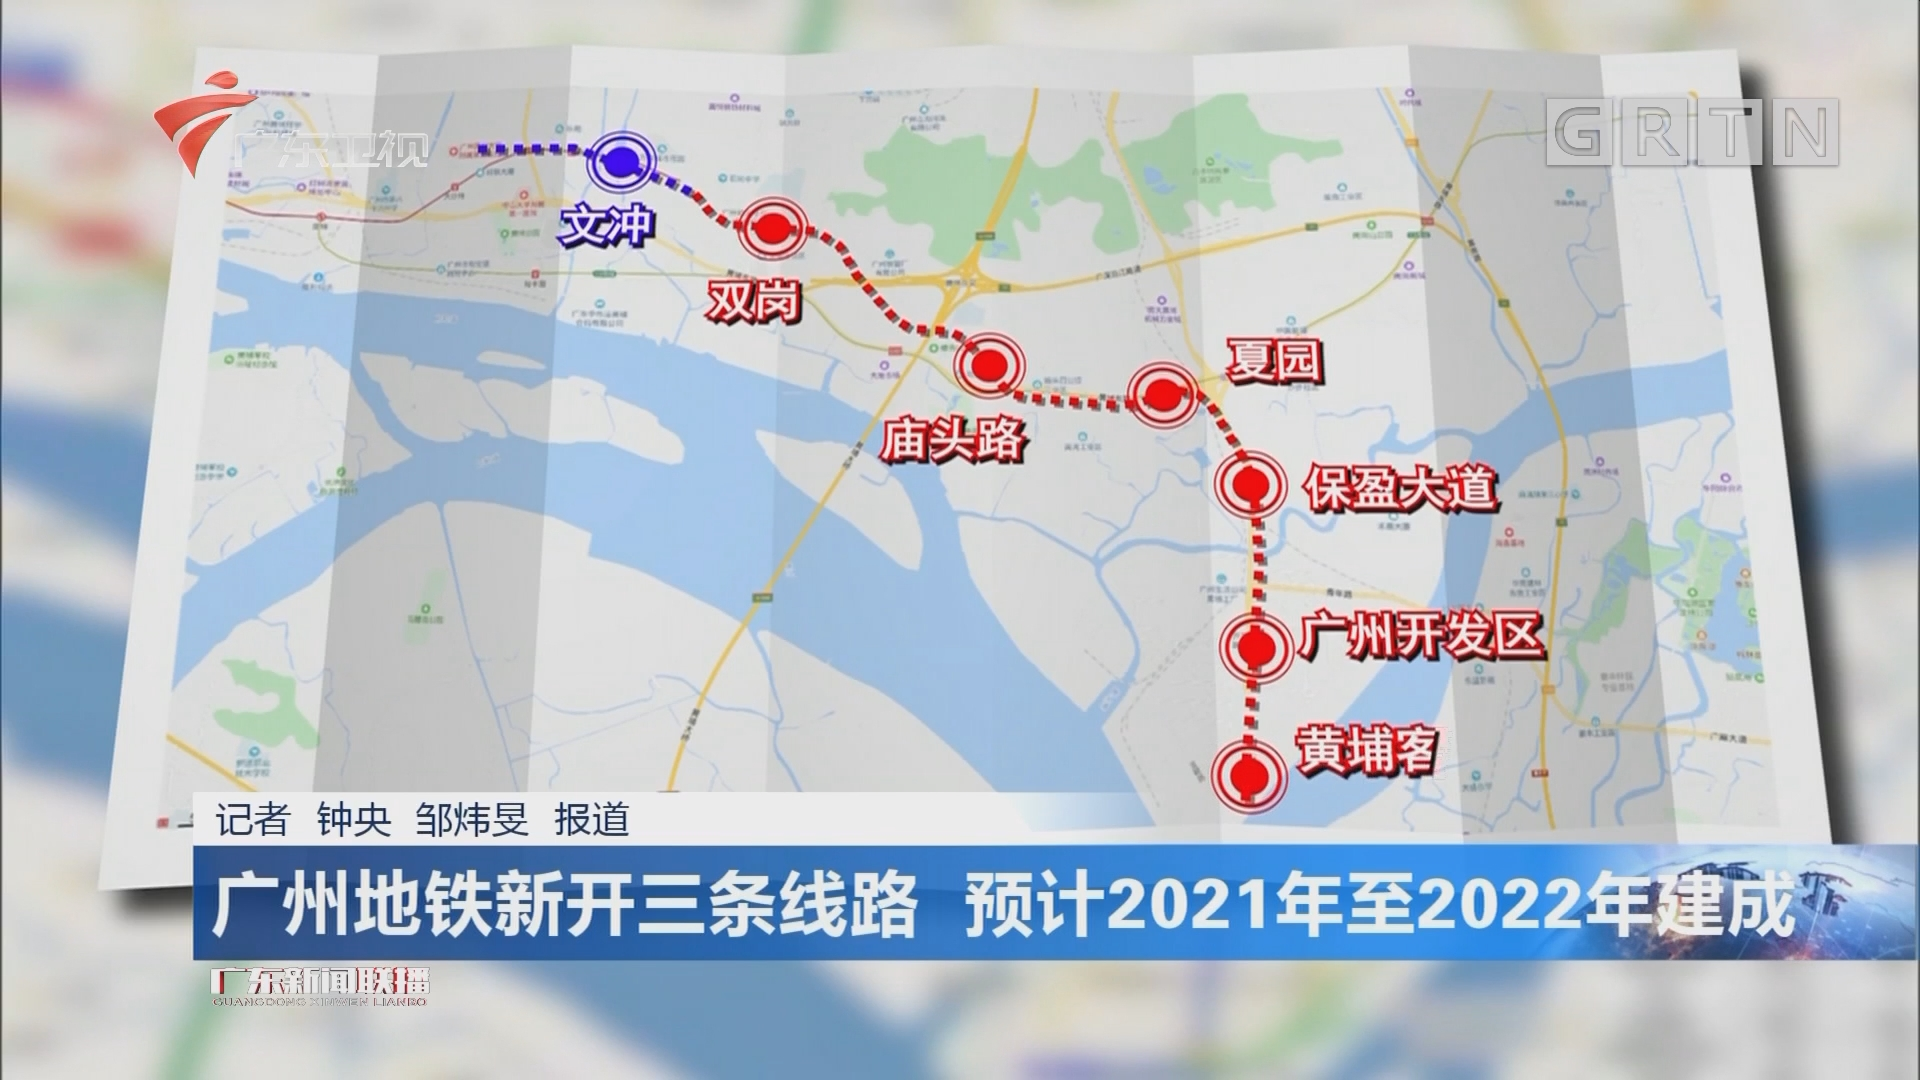 广州地铁新开三条线路 预计2021年至2022年建成